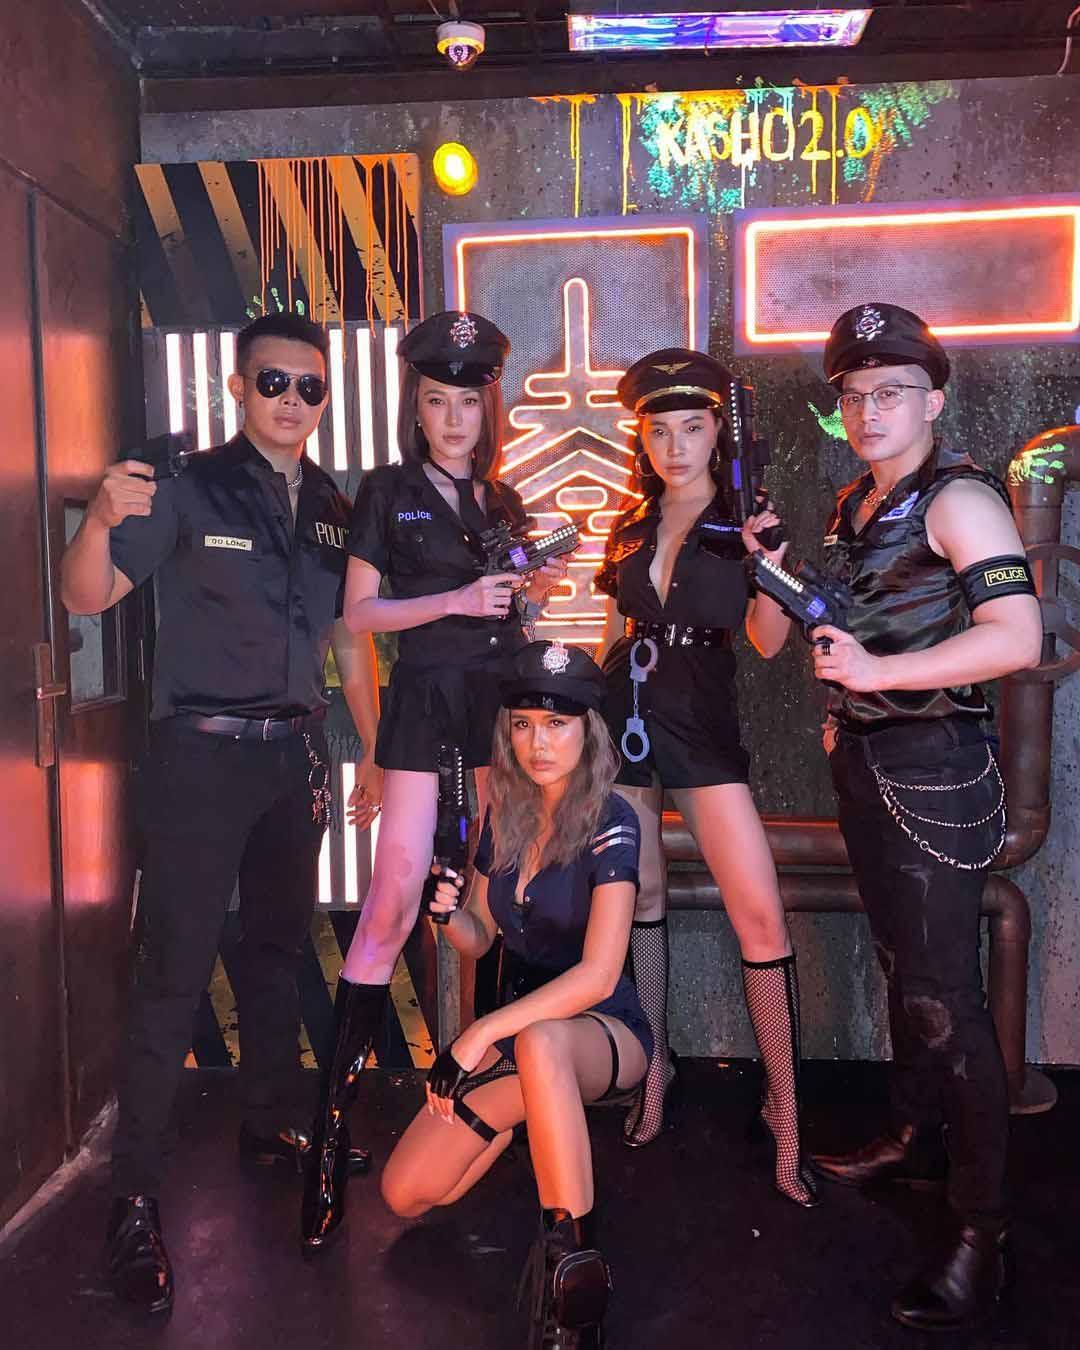 Sao Việt hoá trang Halloween: váy công chúa, đầm cắt bạo được tận dụng khoe triệt để body bốc lửa - 6